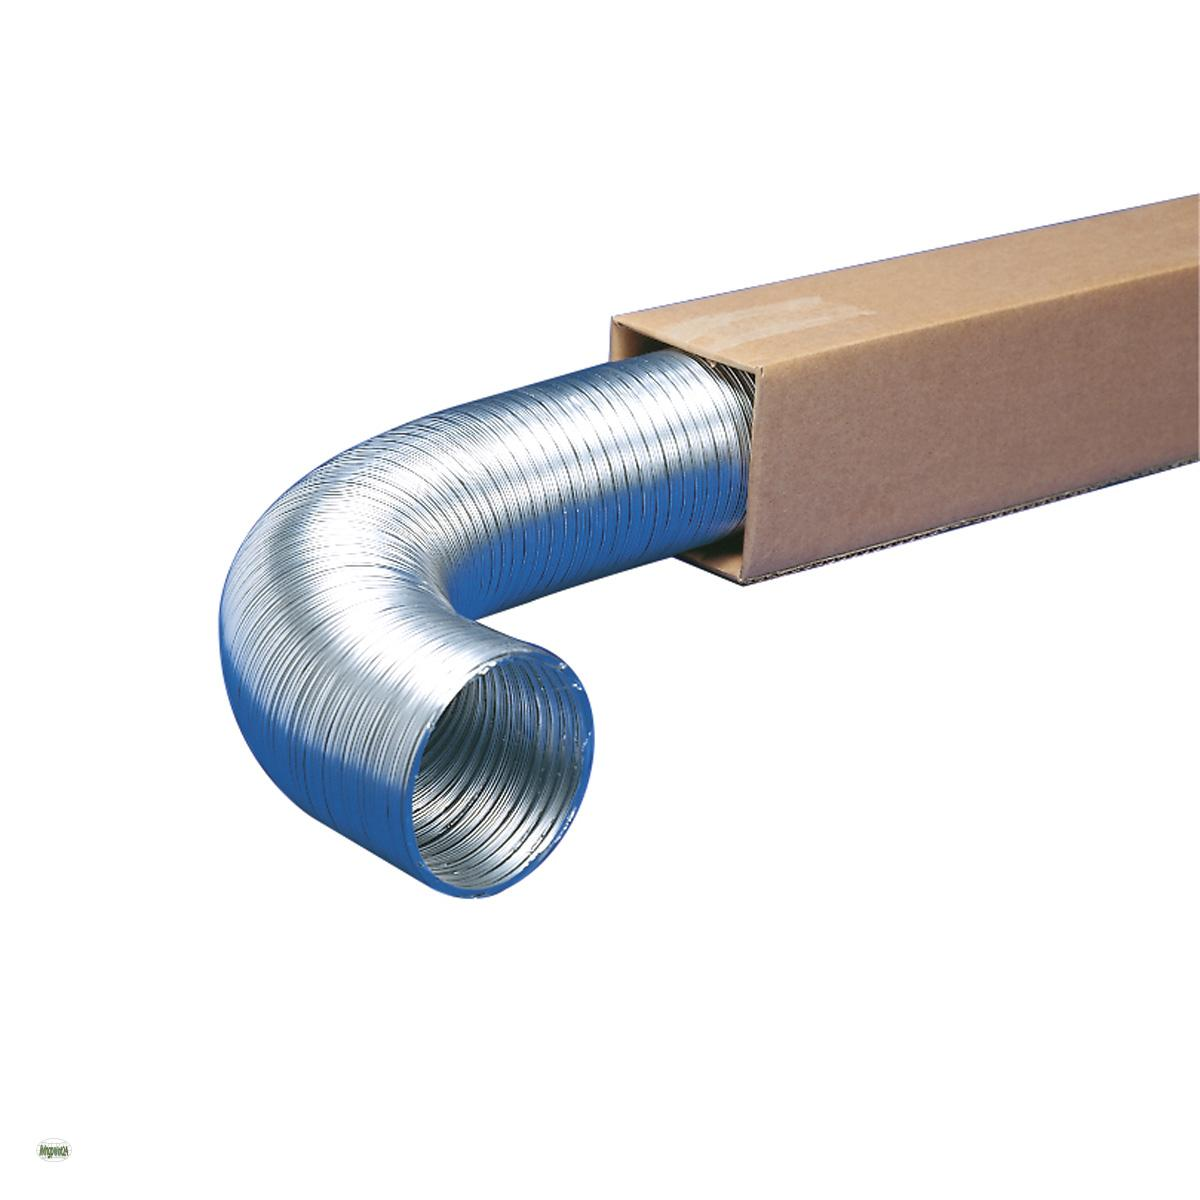 Tubo de alum nio para fazer flechas pictures to pin on - Tubo de aluminio ...